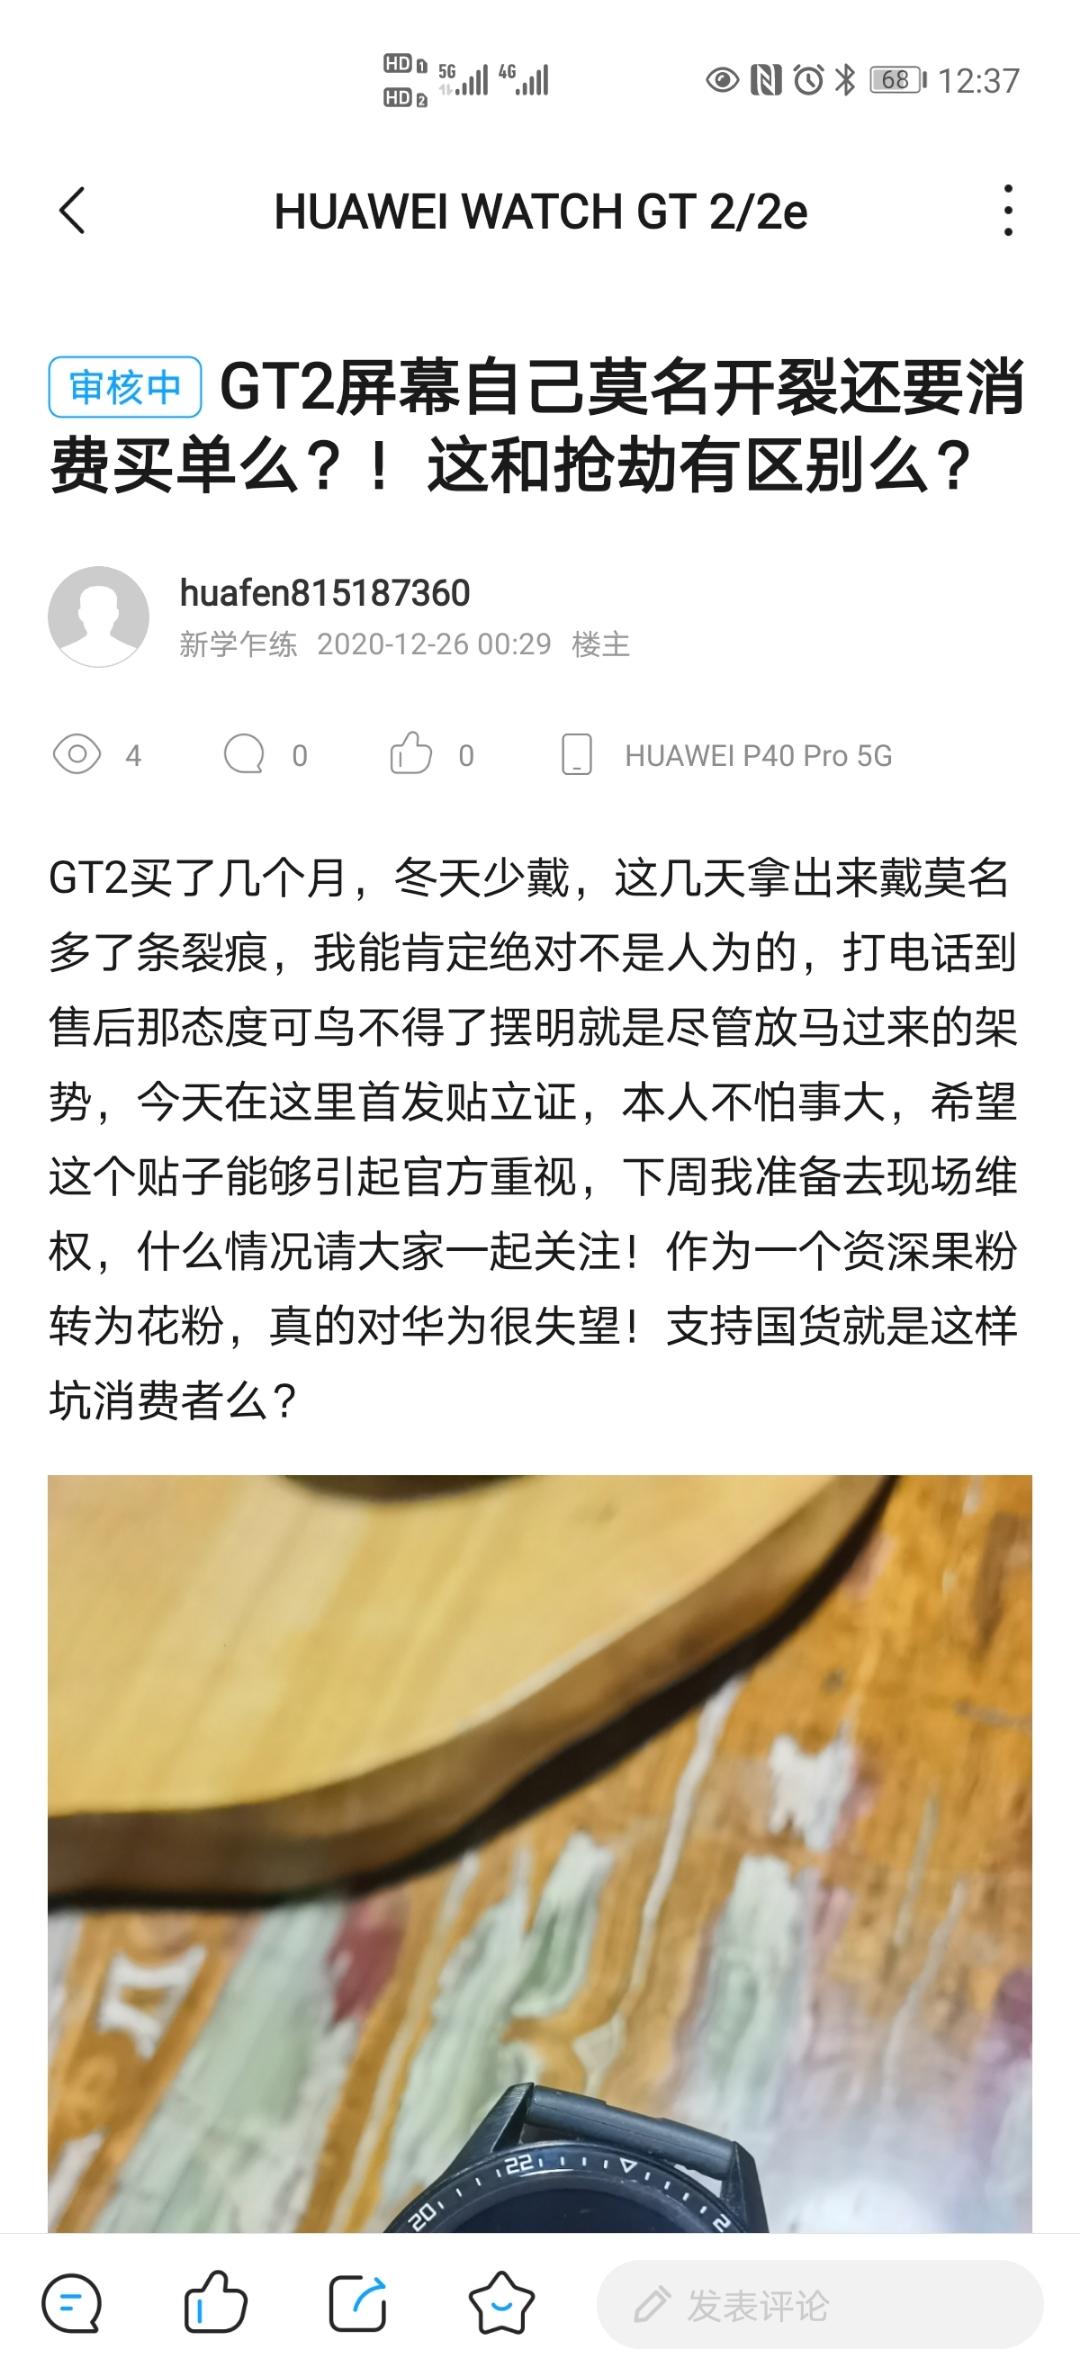 Screenshot_20201226_003728_com.huawei.fans.jpg